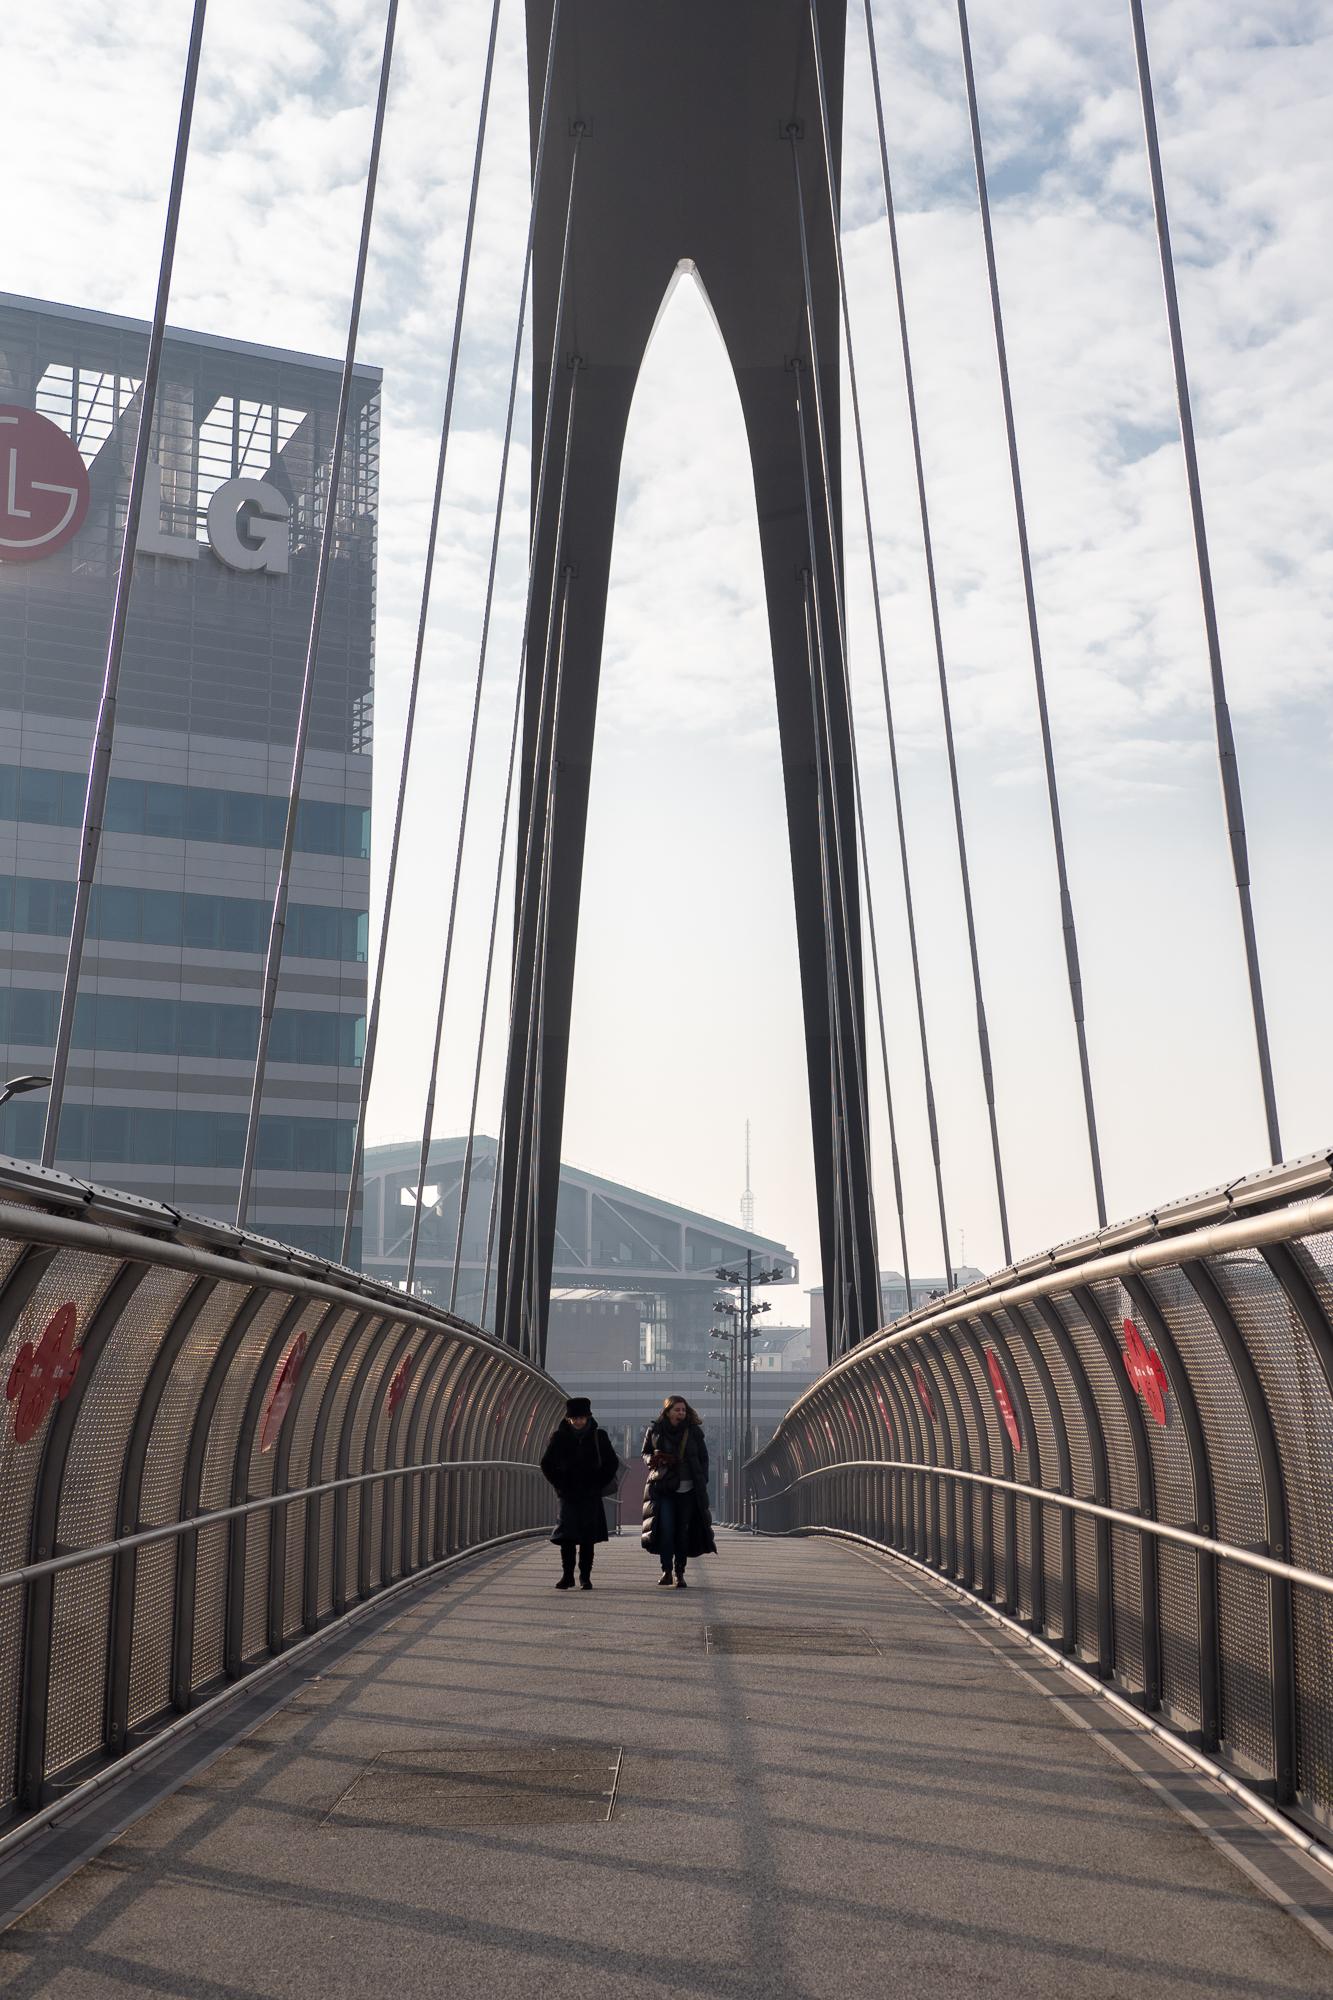 Bridge of Spies...